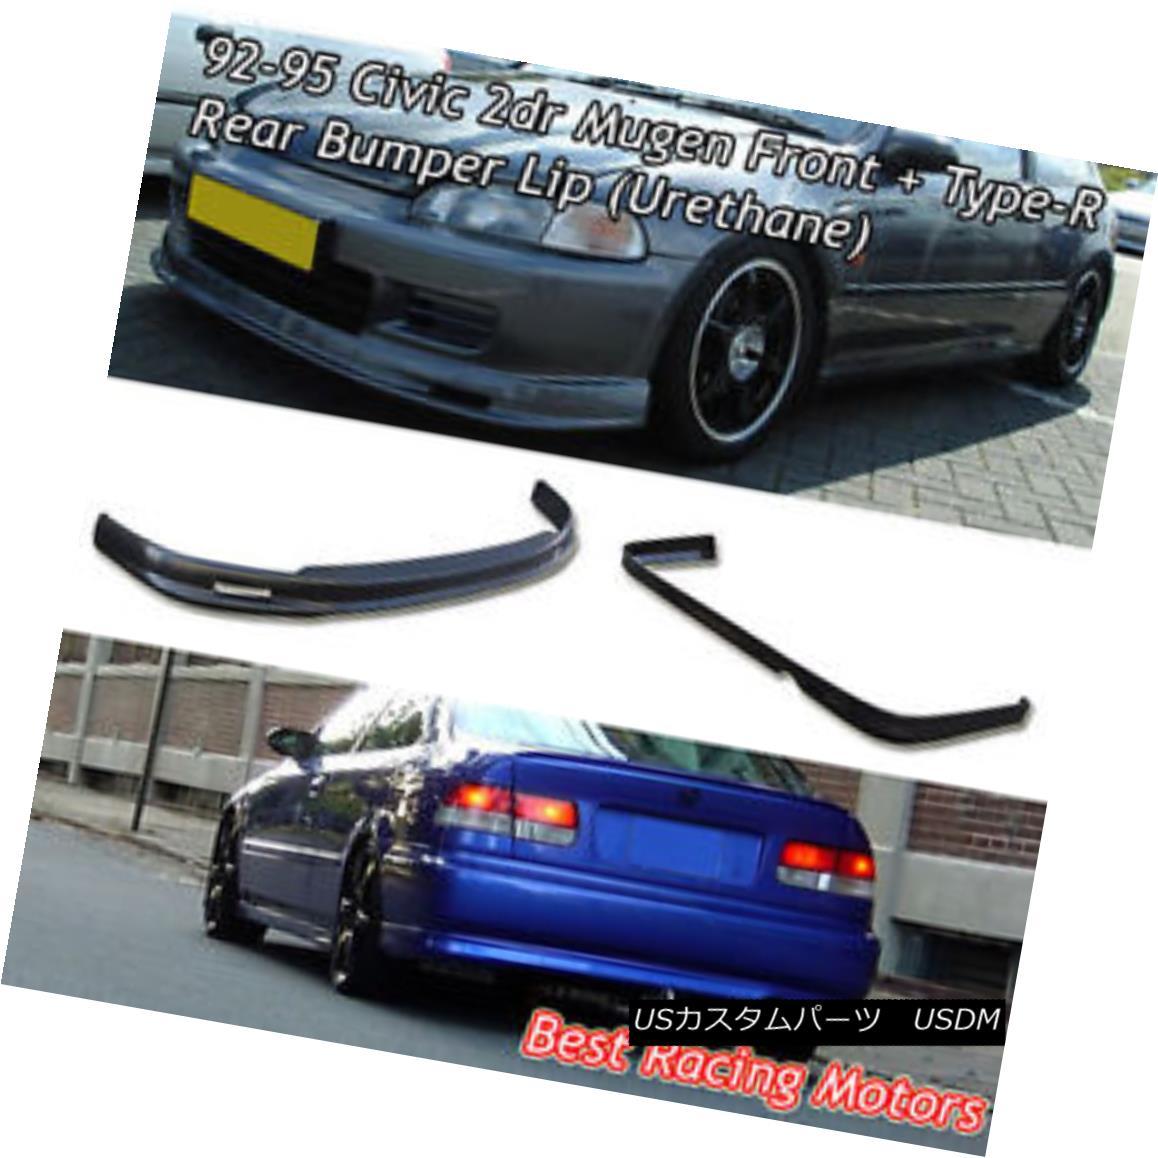 エアロパーツ Mu-gen Style Front + TR Style Rear Bumper Lip (Urethane) Fit 92-95 Civic 2dr Mu-genスタイルフロント+ TRスタイルリアバンパーリップ(ウレタン)フィット92-95シビック2dr